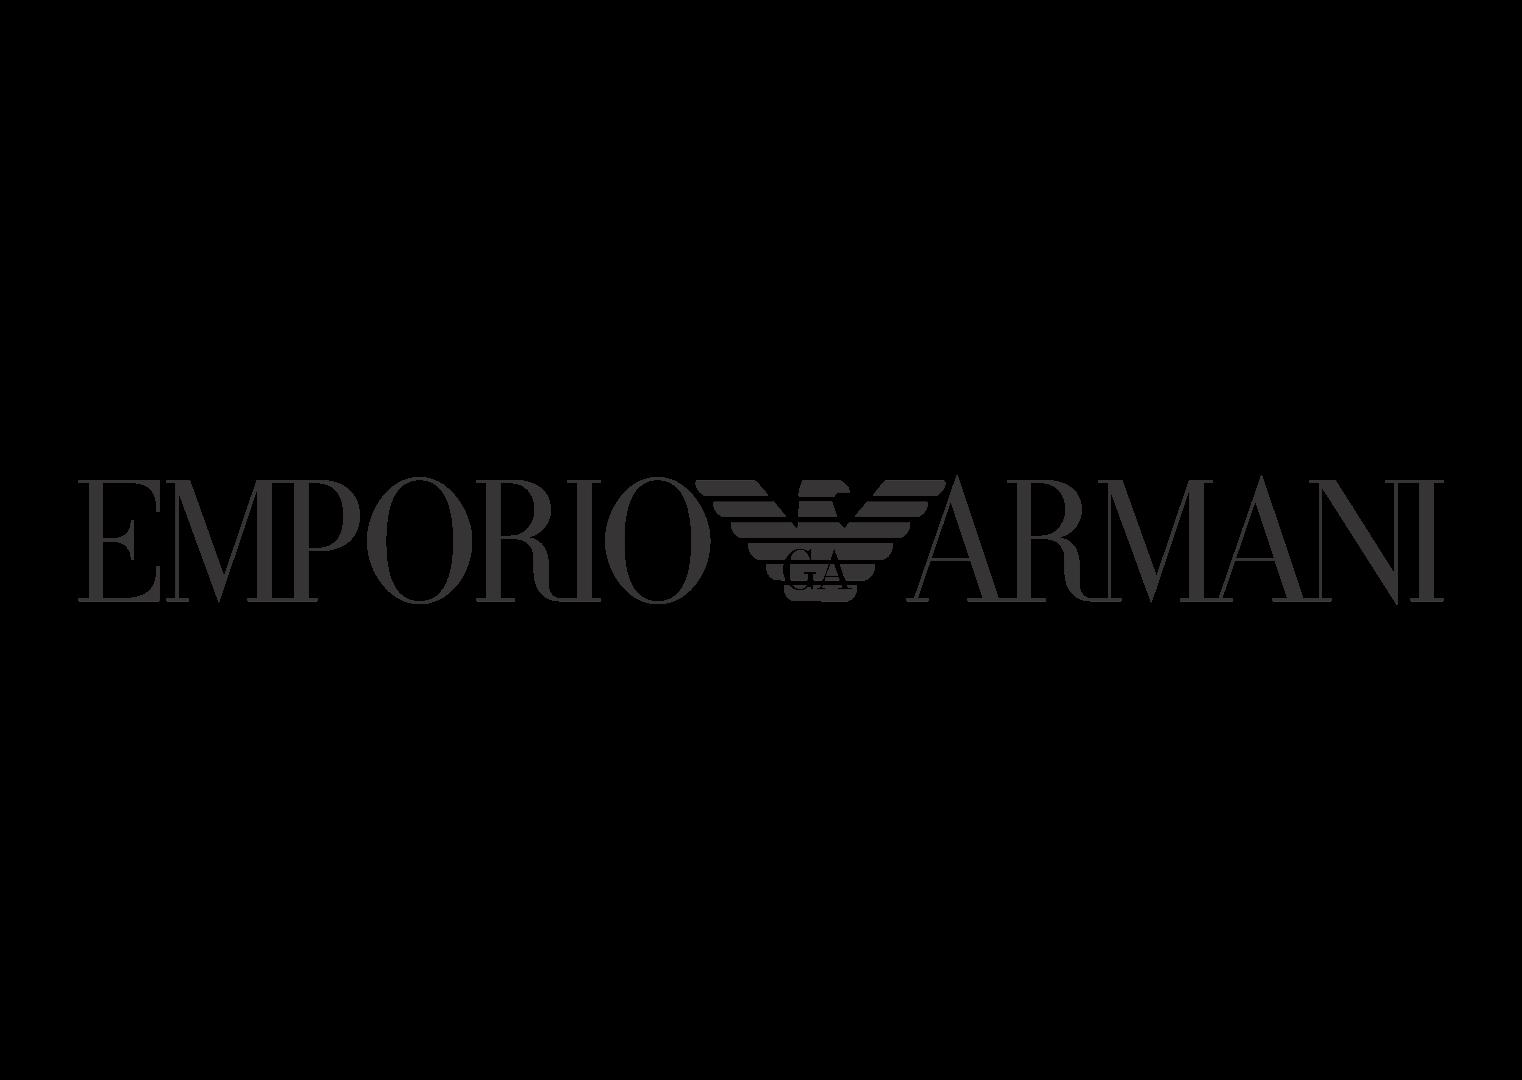 Emporio armani Logo Vector download free